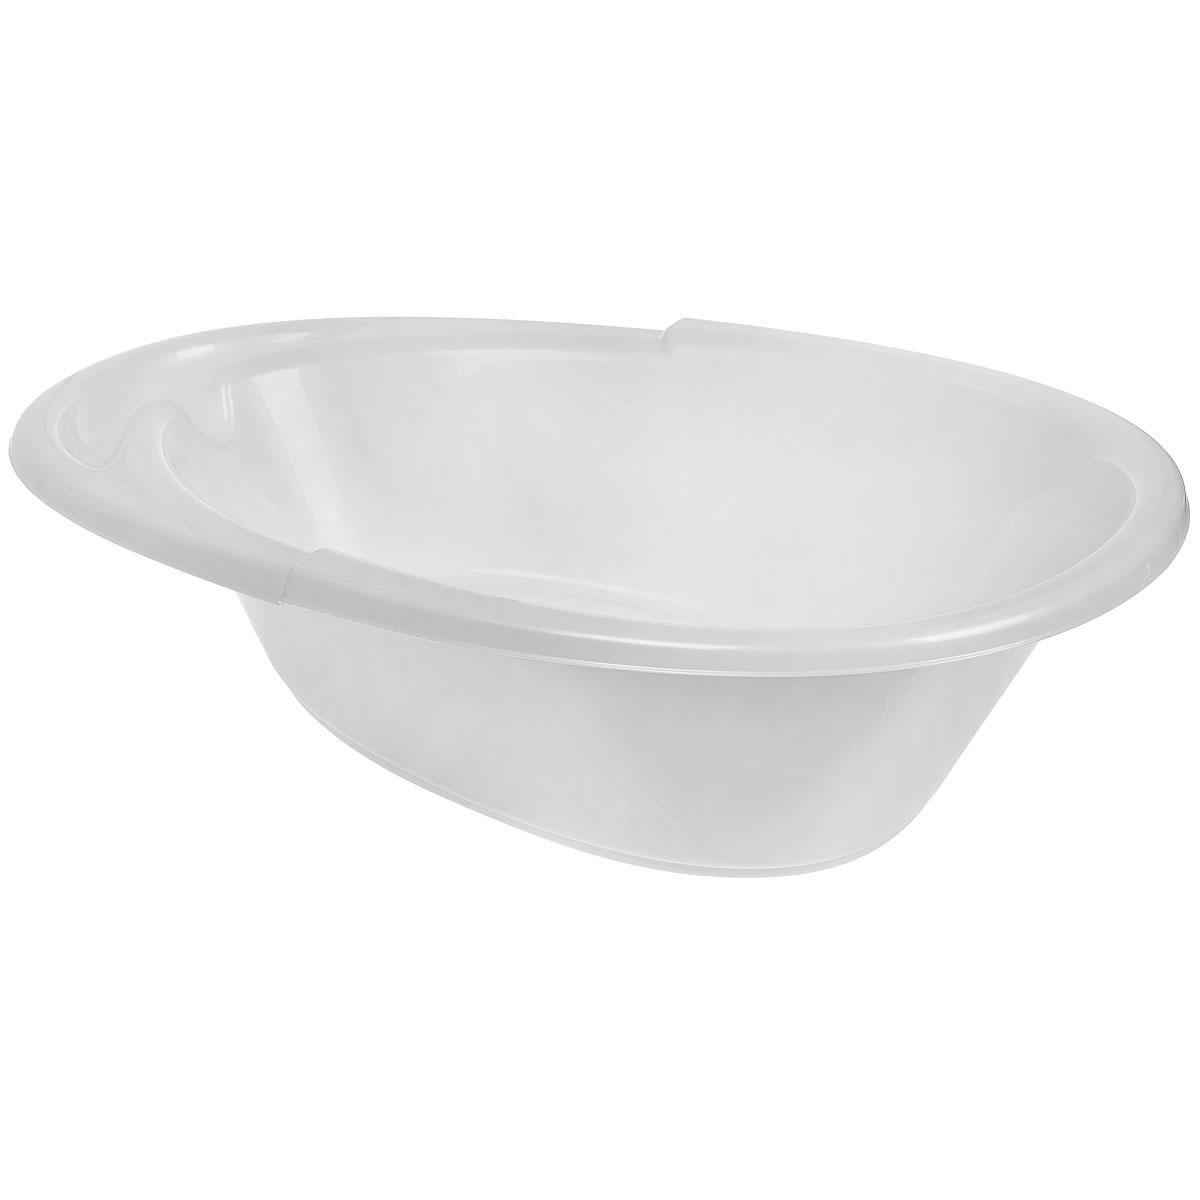 Ванна детская Пластишка, цвет: белыйС13265_белыйВместительная и удобная детская ванна Пластишка идеально подойдет для купания малыша. Ванна, изготовленная из прочного безопасного материала без содержания токсичных веществ, имеет удобные выемки для мыла и других принадлежностей. Дно ванны оформлено рельефным рисунком. Не содержит бисфенол А.